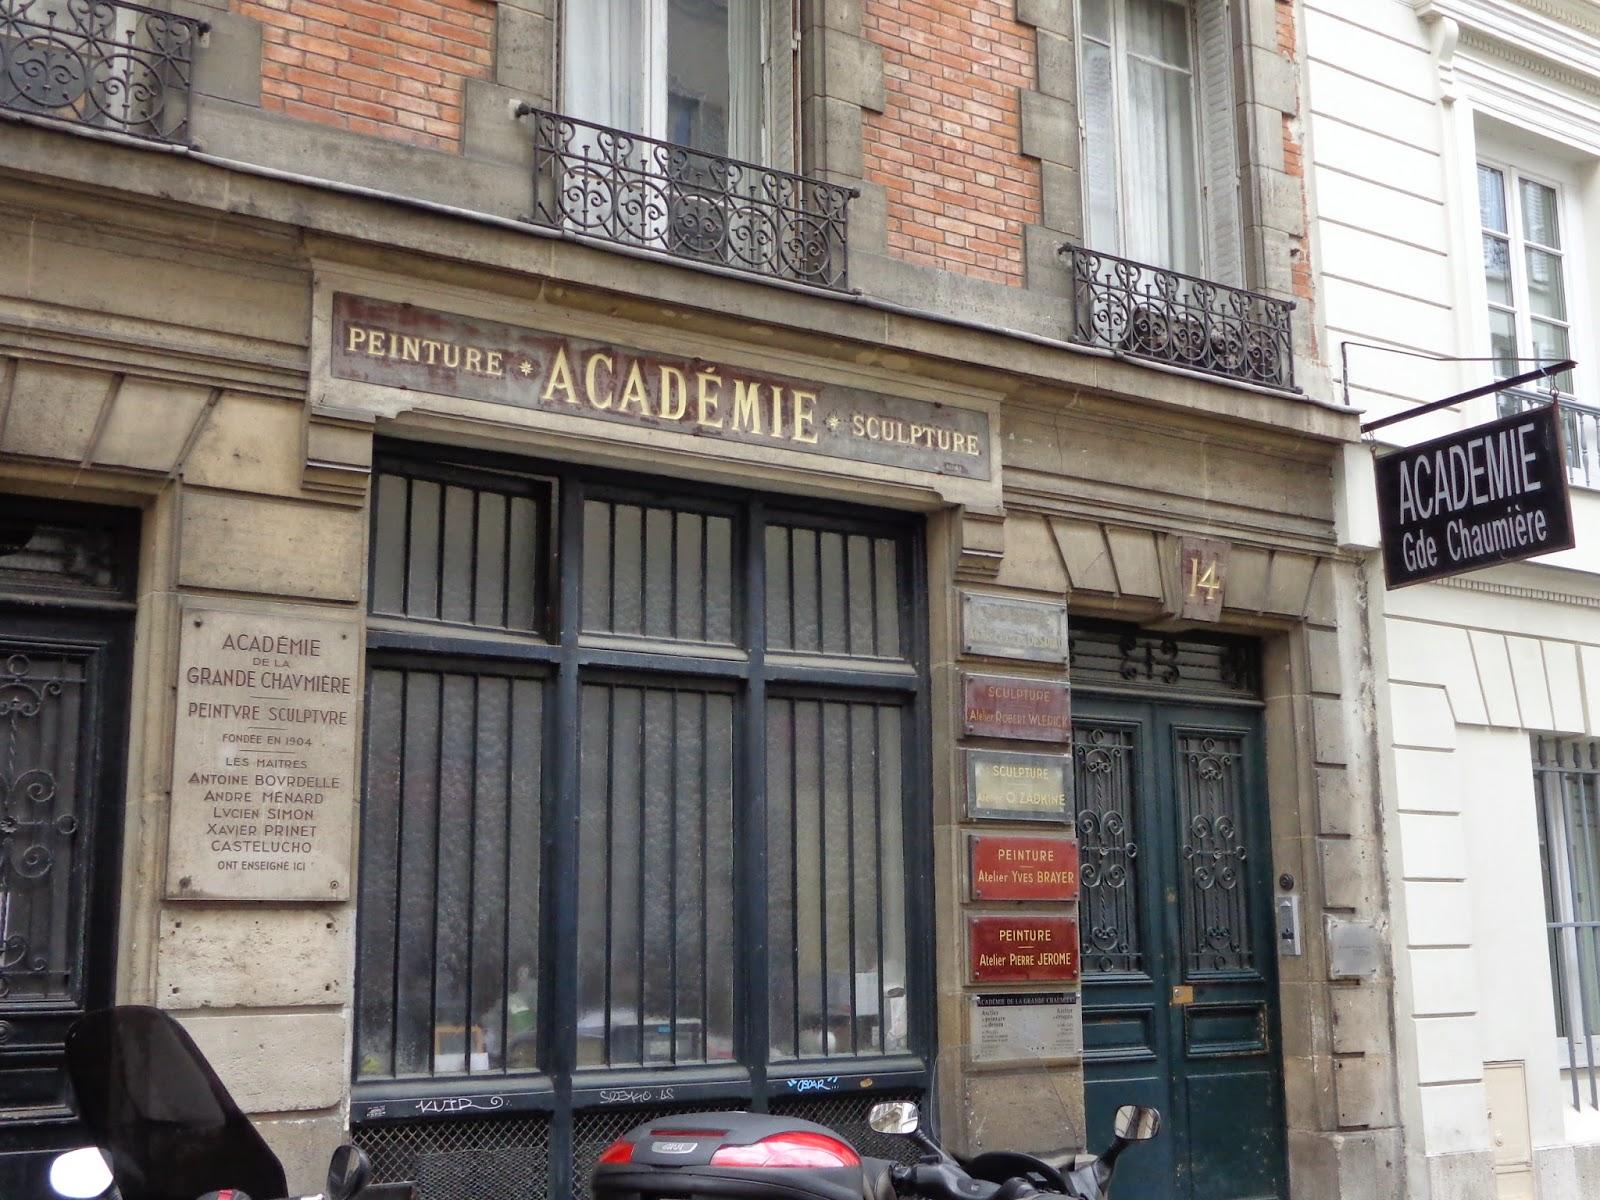 Angie Arcangioli Ramblings Of An Artist In Paris Academie